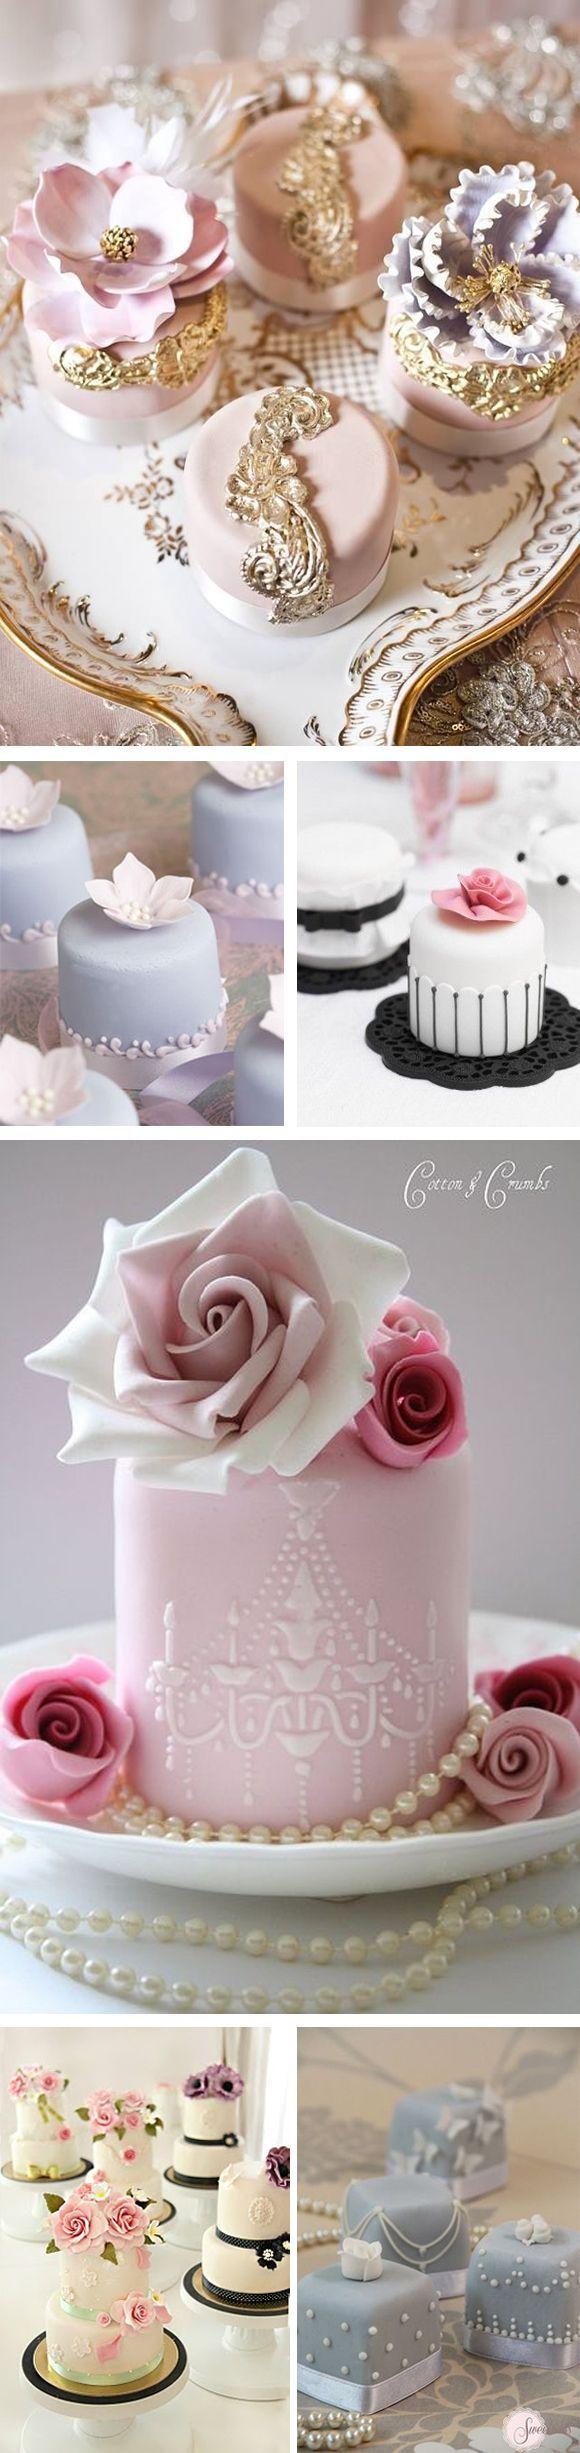 Mini cakes para bodas #weddingcakes #minicakes